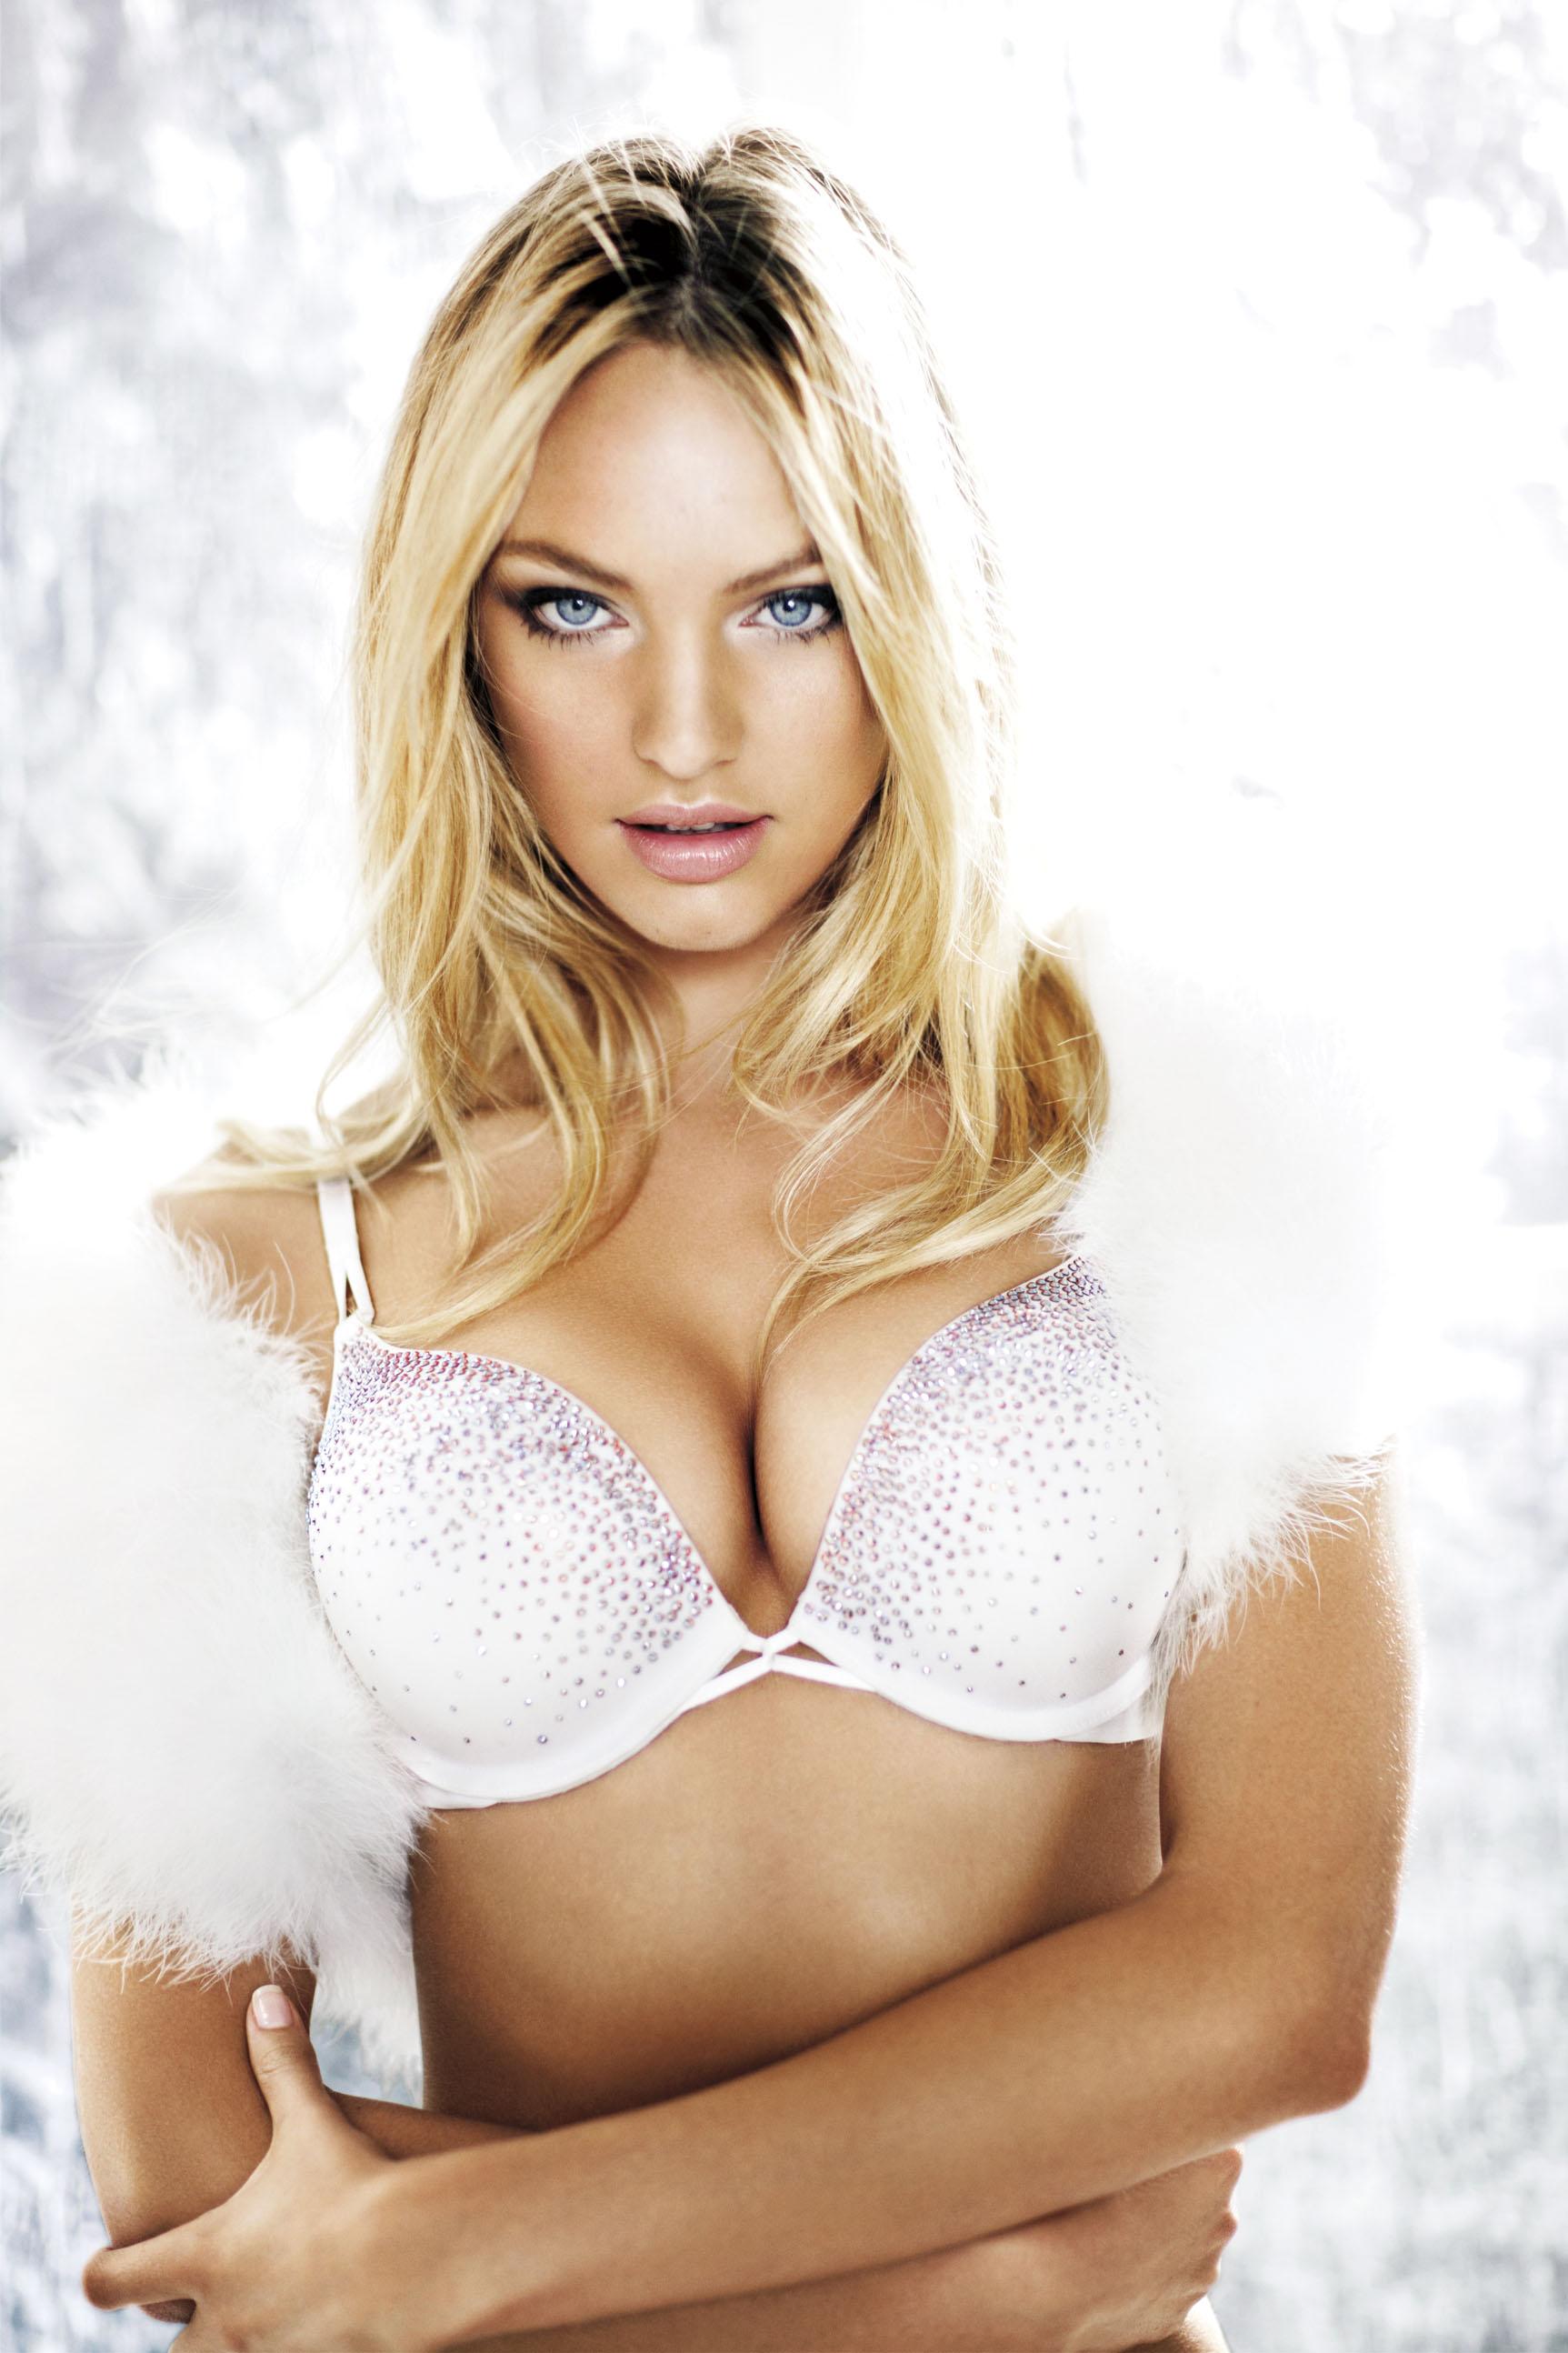 Những mẫu áo nâng ngực đẹp-4